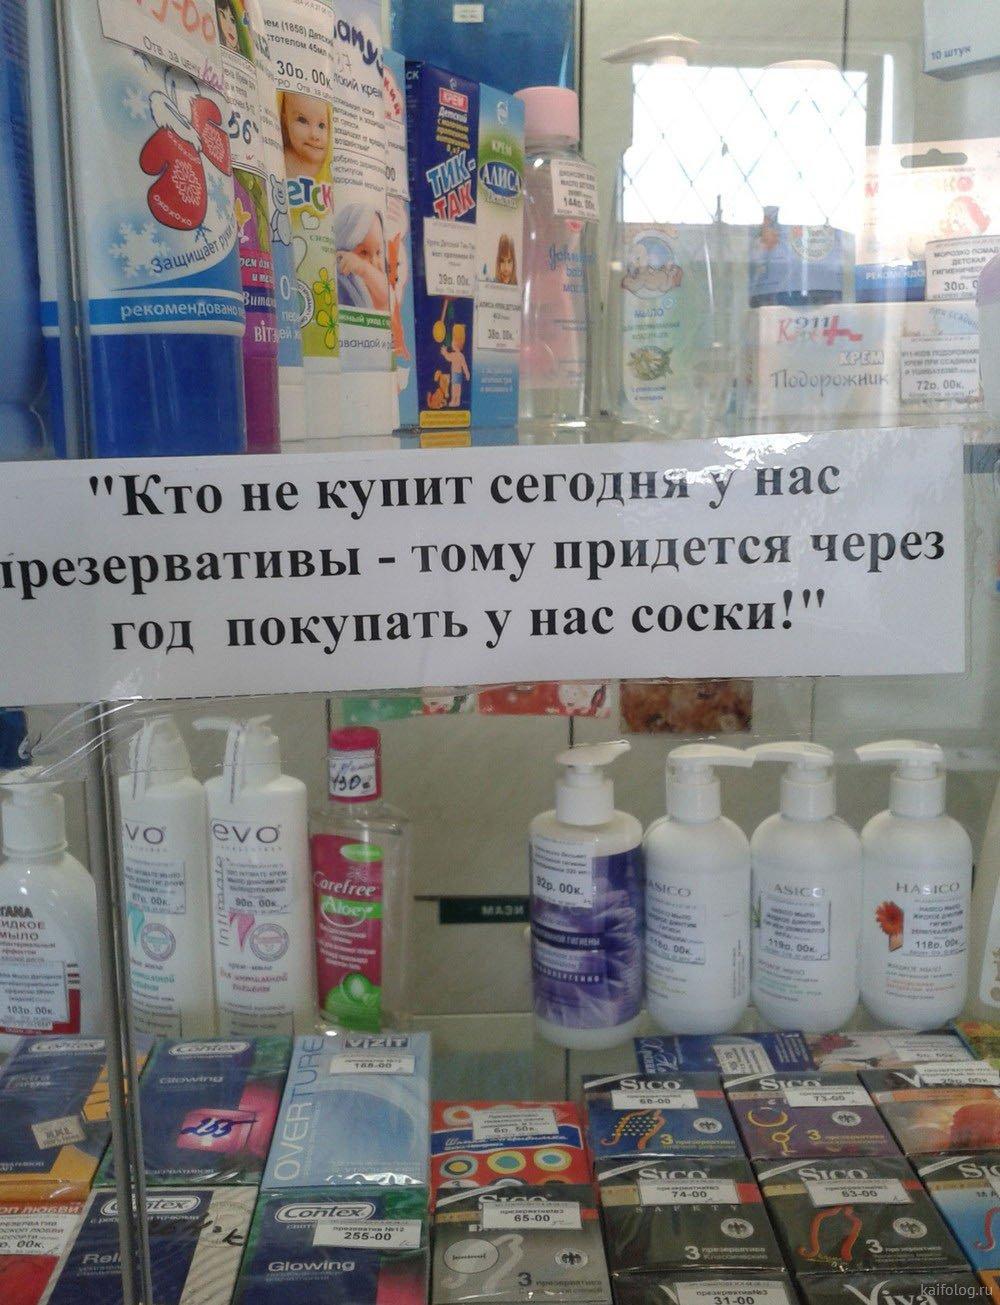 найти прикольные картинки про аптекаря онлайн редактор